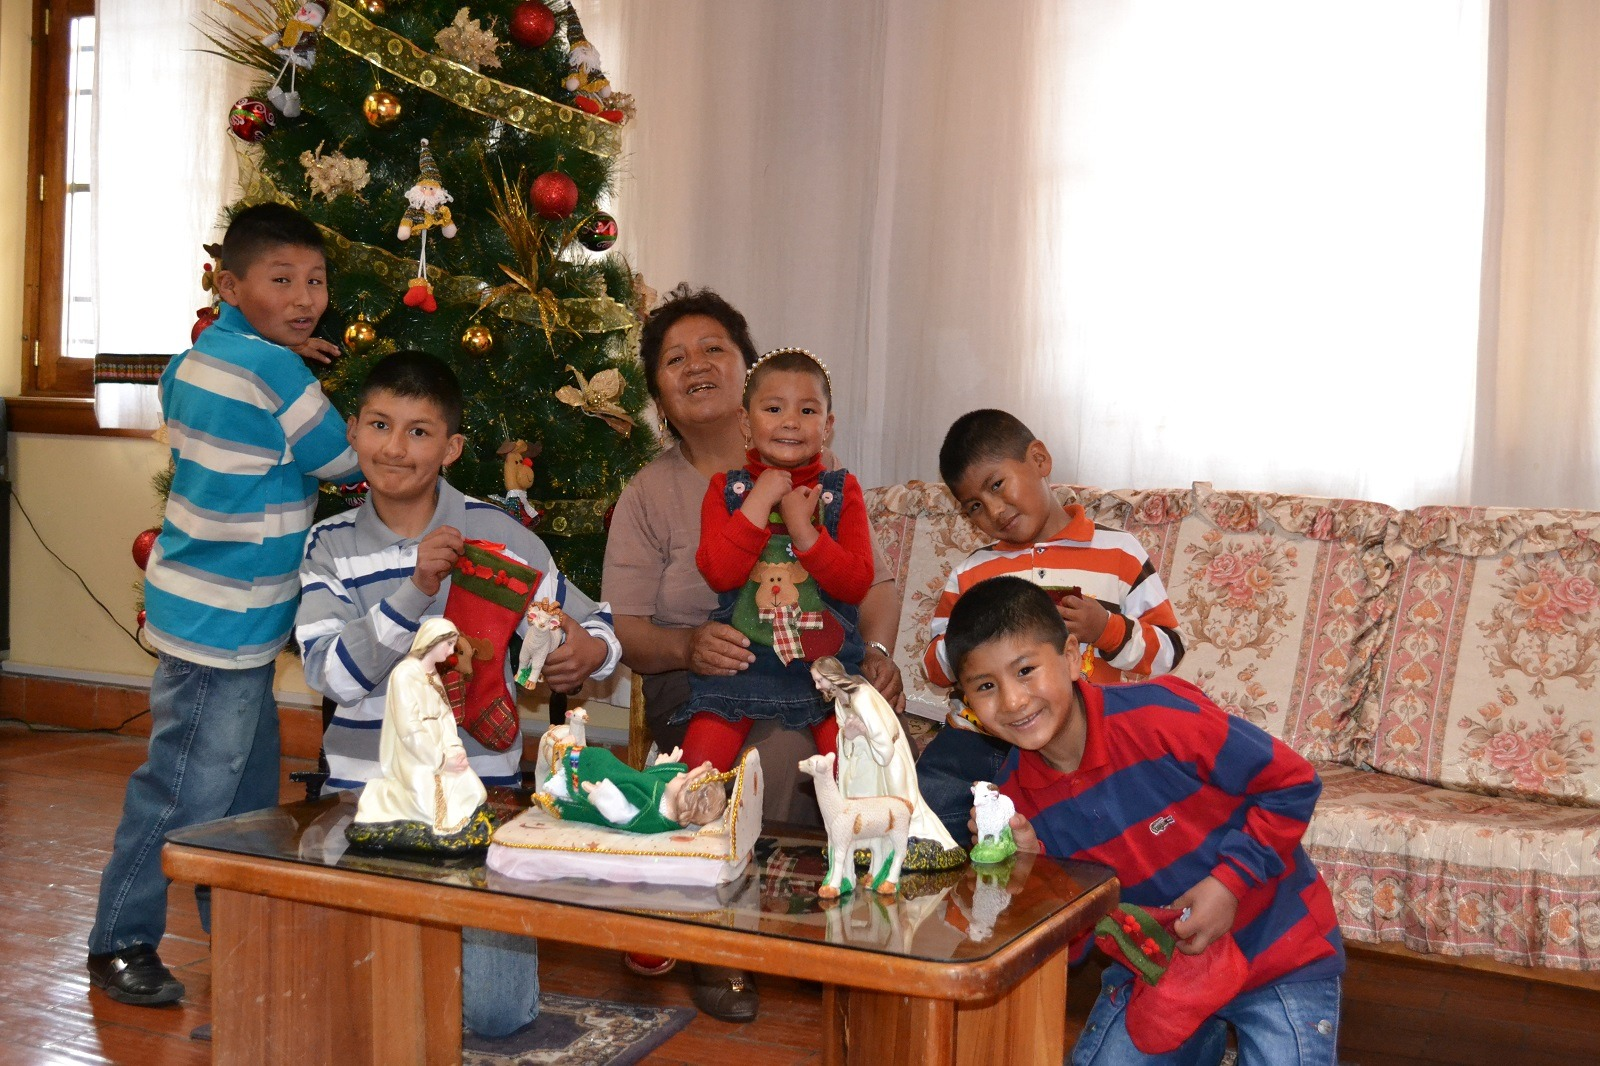 A Natale, l'atmosfera del SOS Villaggio dei bambini Potosí in Bolivia cambia magicamente.